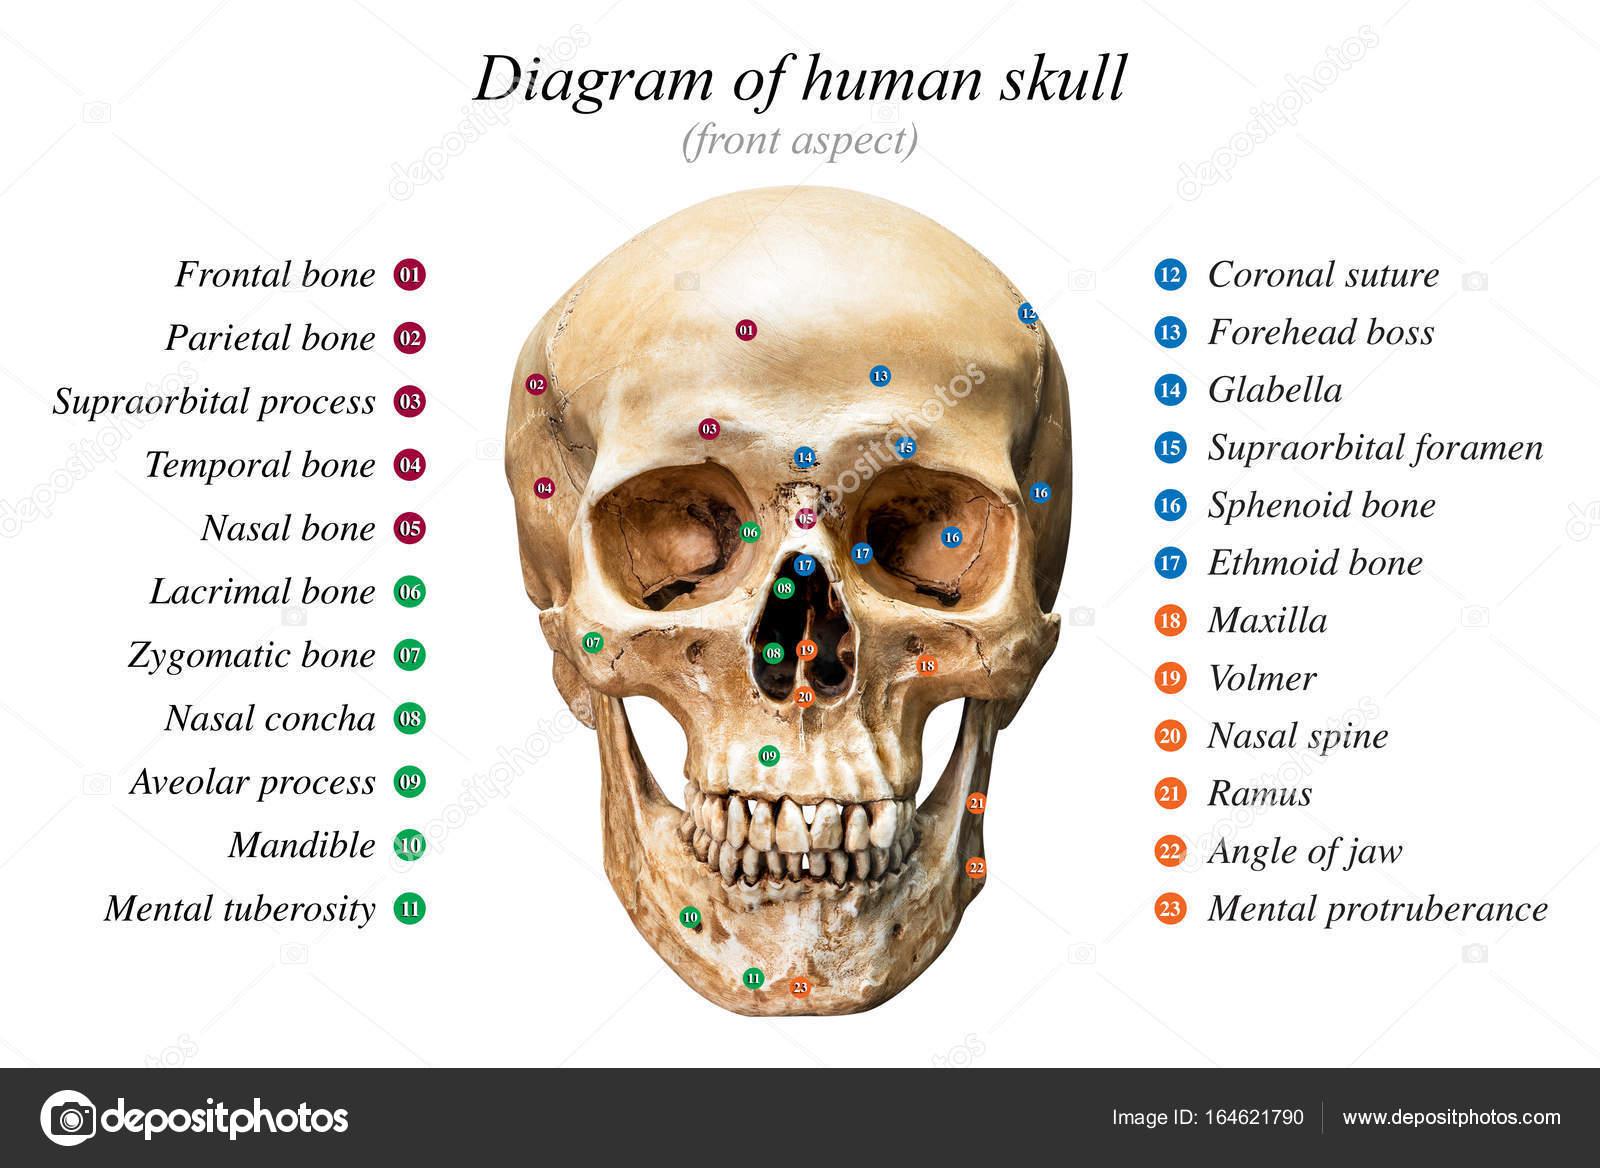 Diagrama del cráneo humano — Foto de stock © fotoslaz #164621790